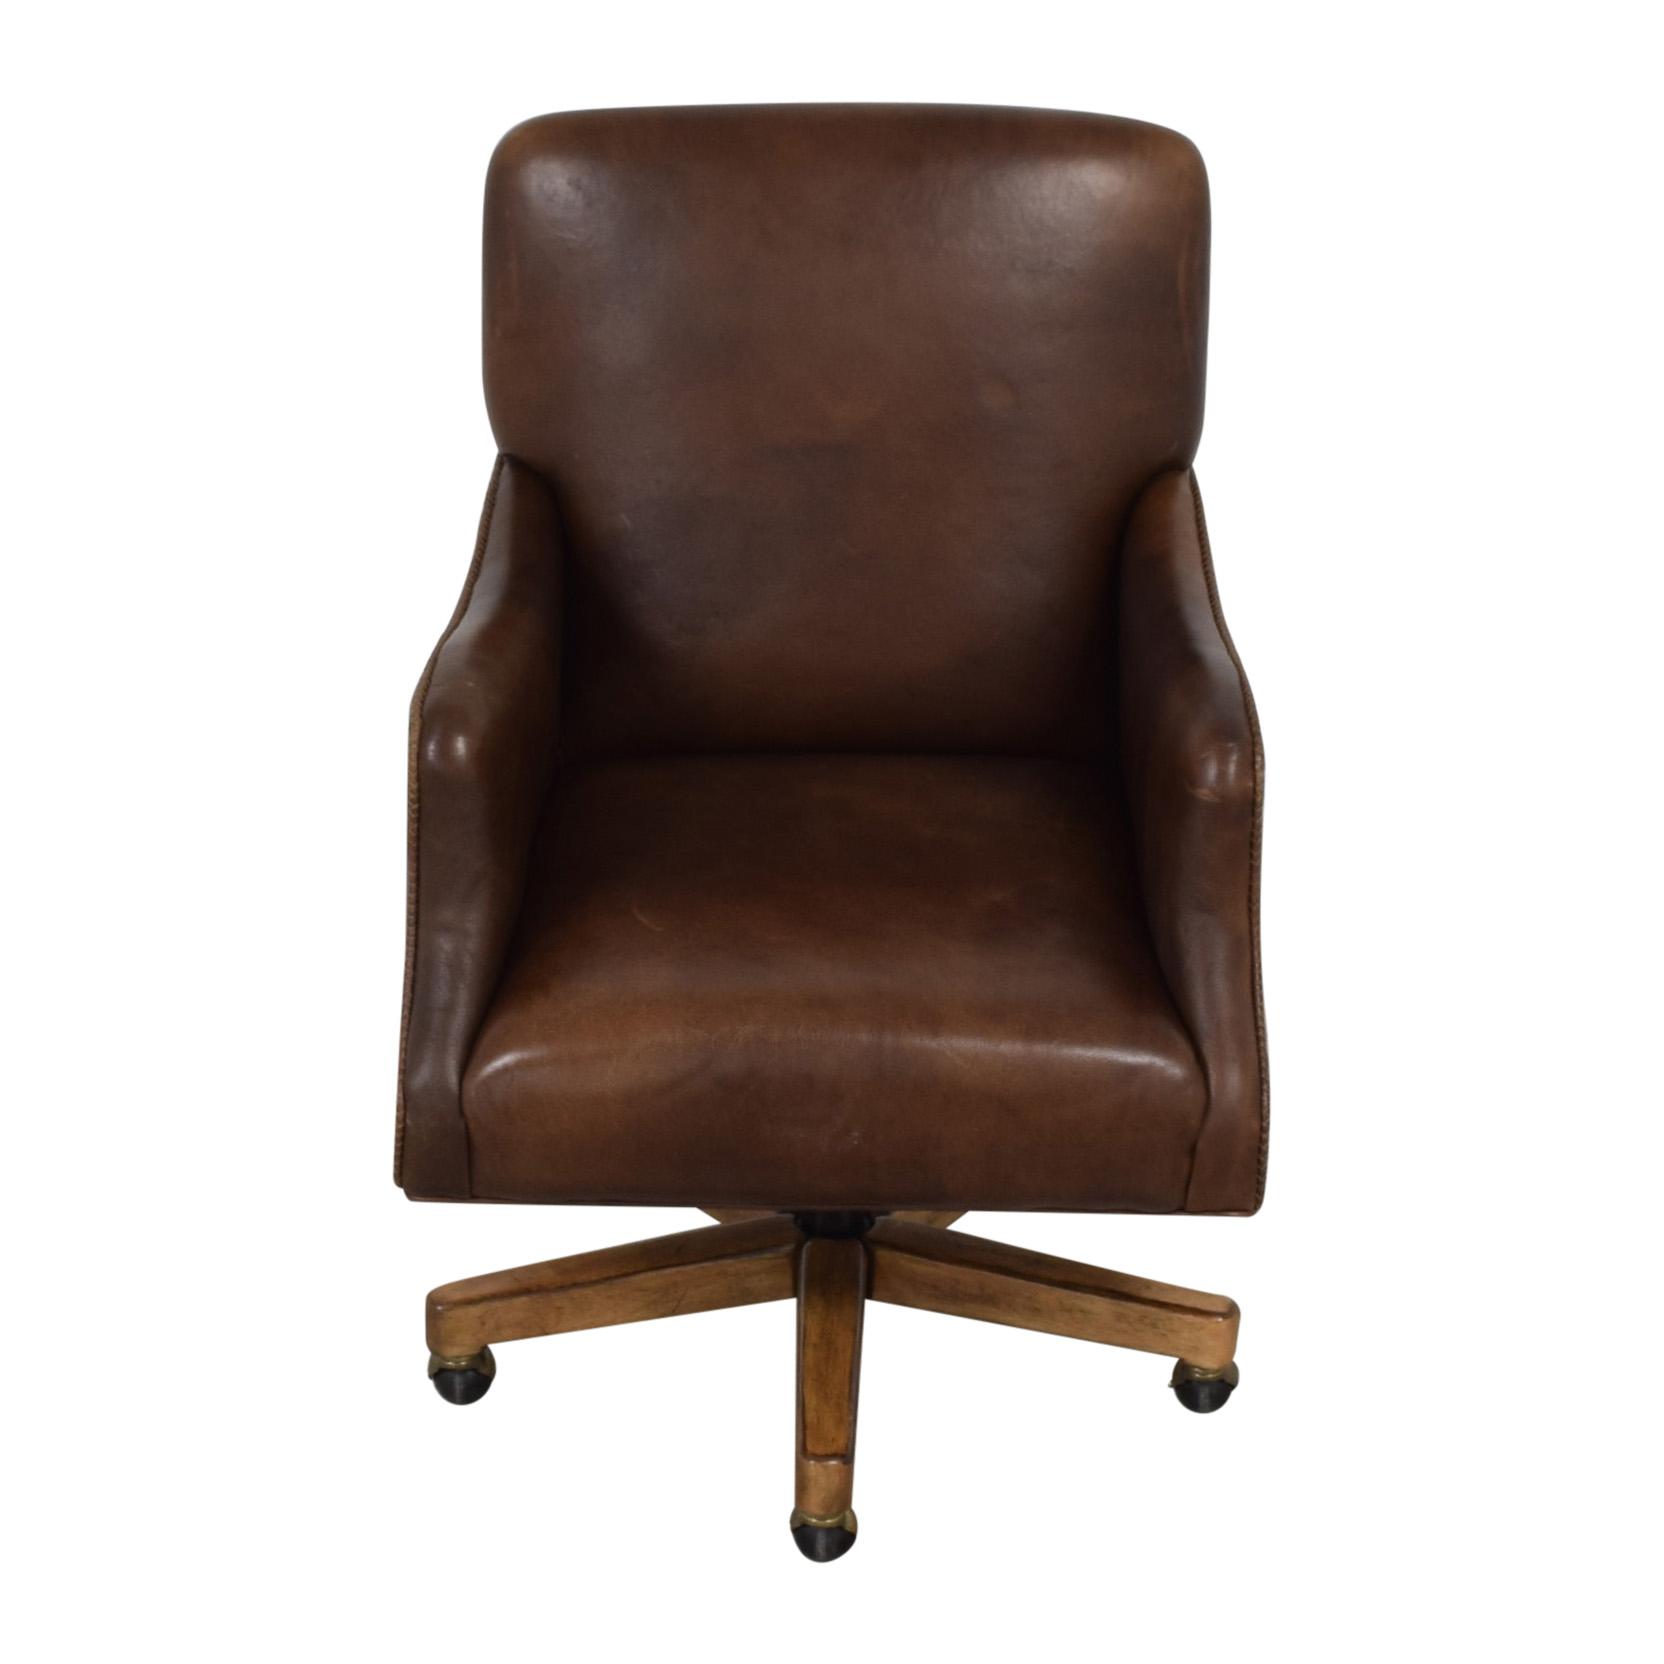 Hooker Furniture Office Chair Hooker Furniture